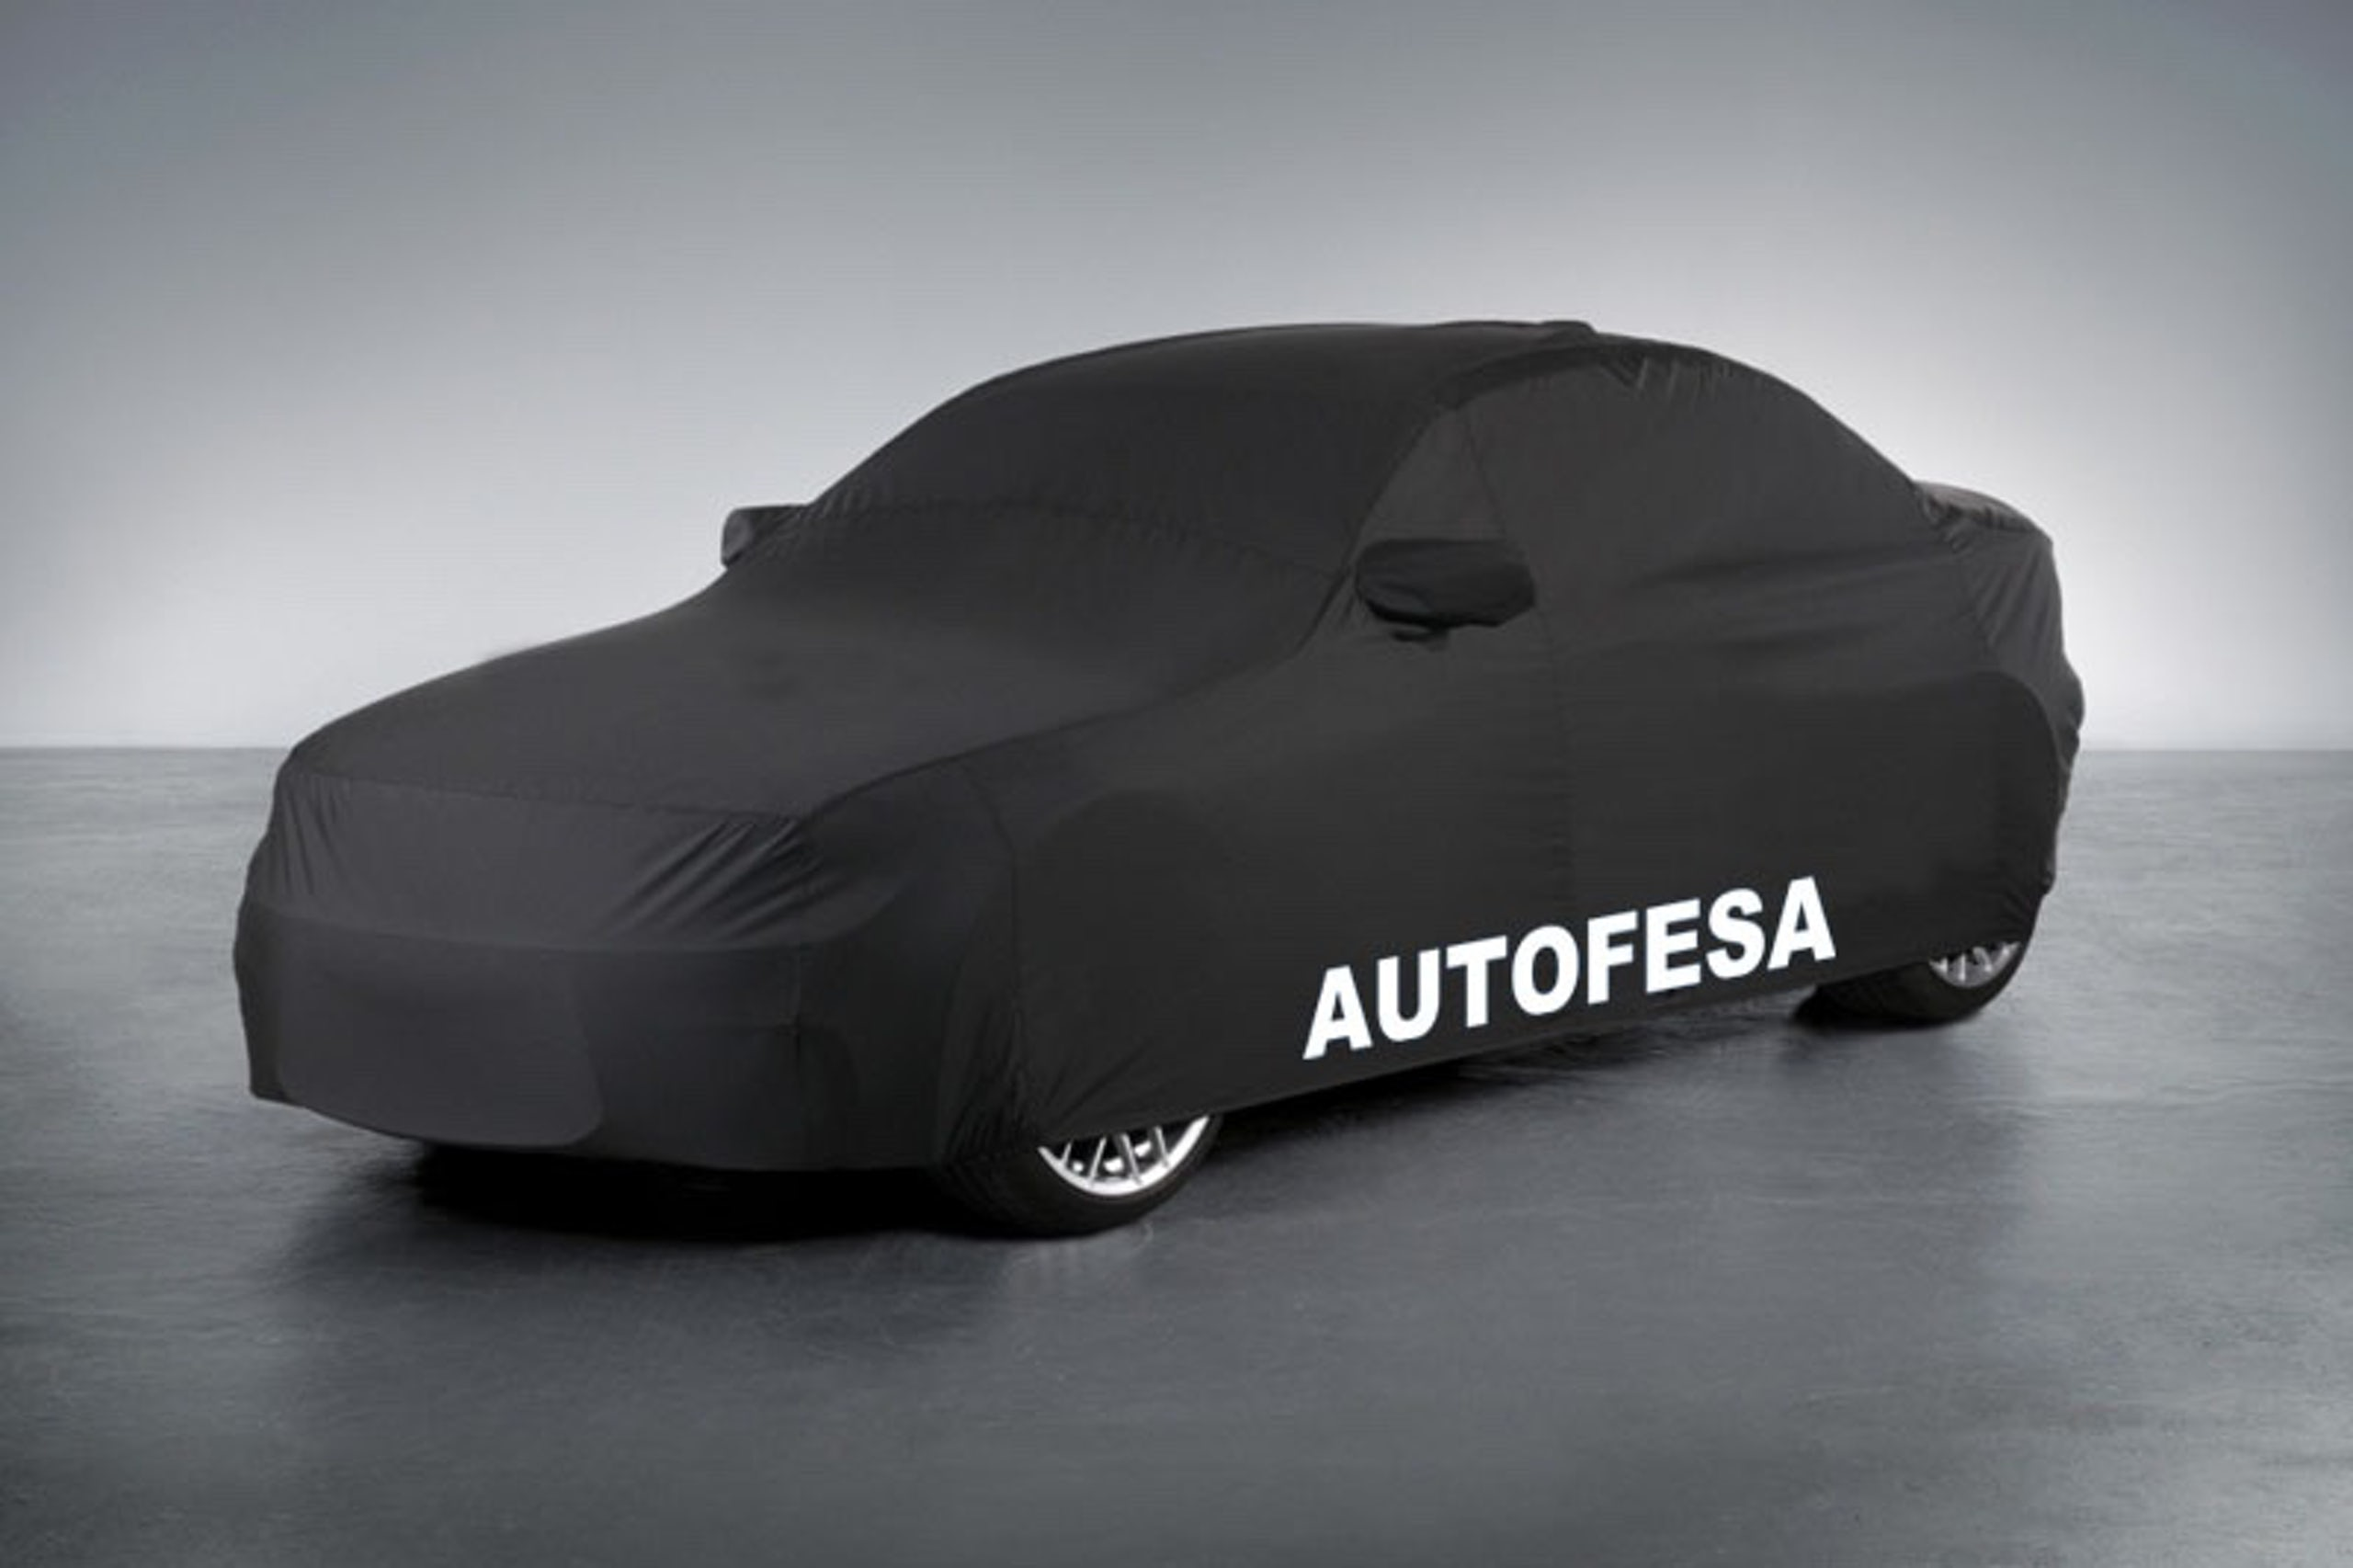 Audi Tt Roadster 2.0 TFSI 230cv quattro 2p Stronic Auto  S/S - Foto 24